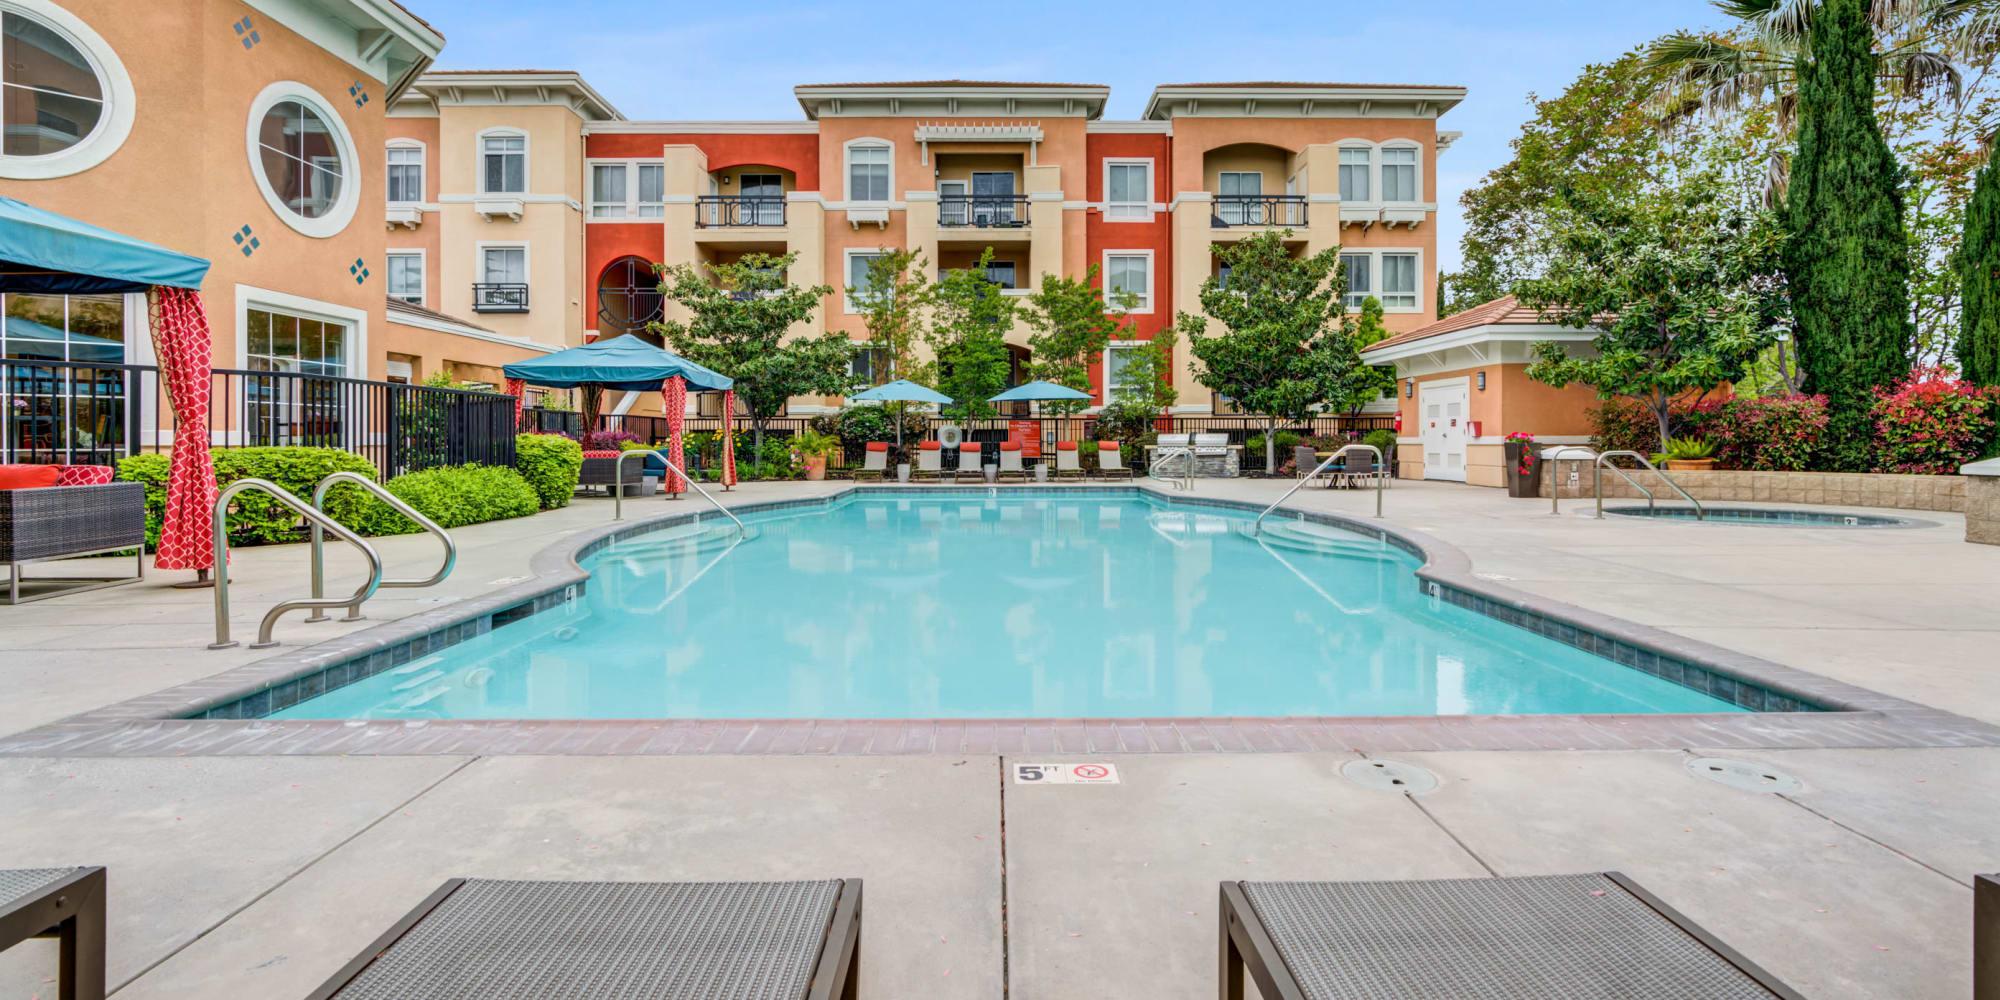 Swimming pool at Villa Del Sol in Sunnyvale, CA